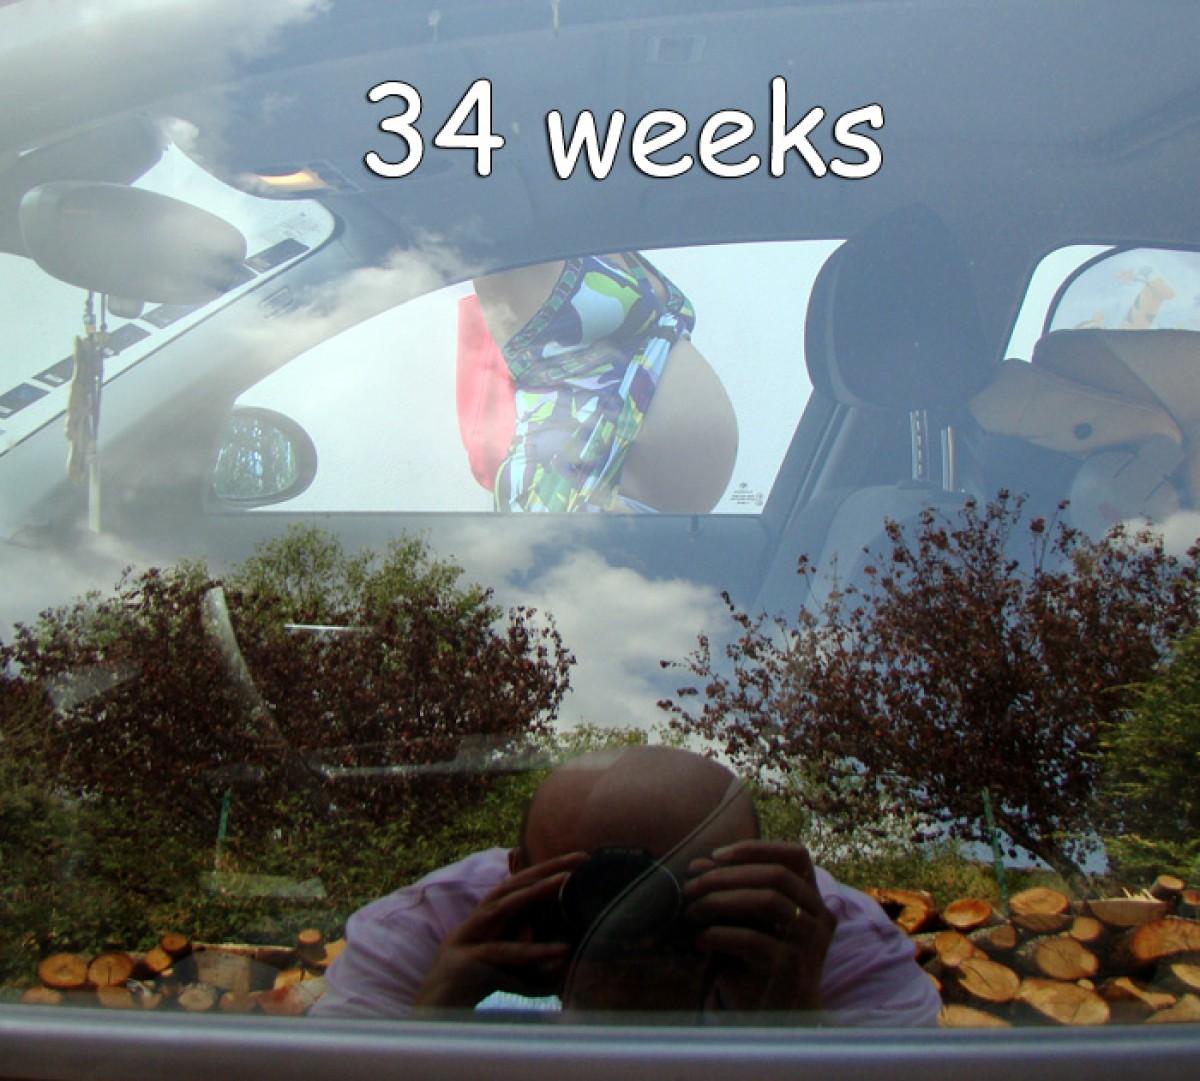 34 εβδομάδων: Σ' αγαπώ, σ' αγαπώ, σ' αγαπωωωωώ!!